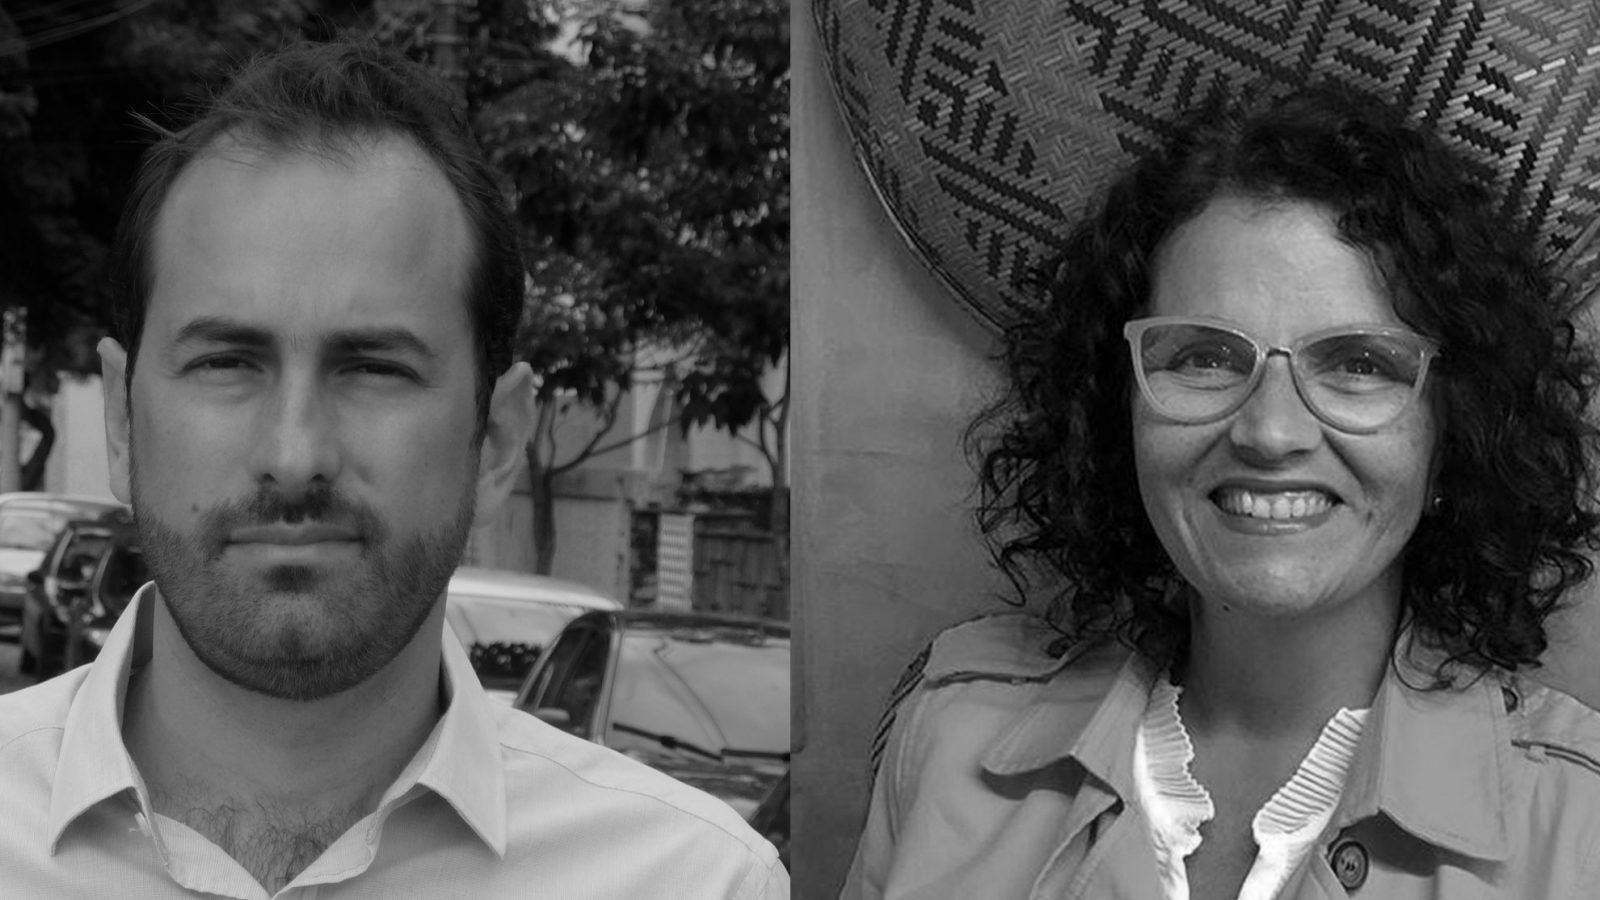 <p>Ana Valéria Araújo e José Marcelo Zacchi falam sobre aspectos da defesa da democracia pela filantropia</p>